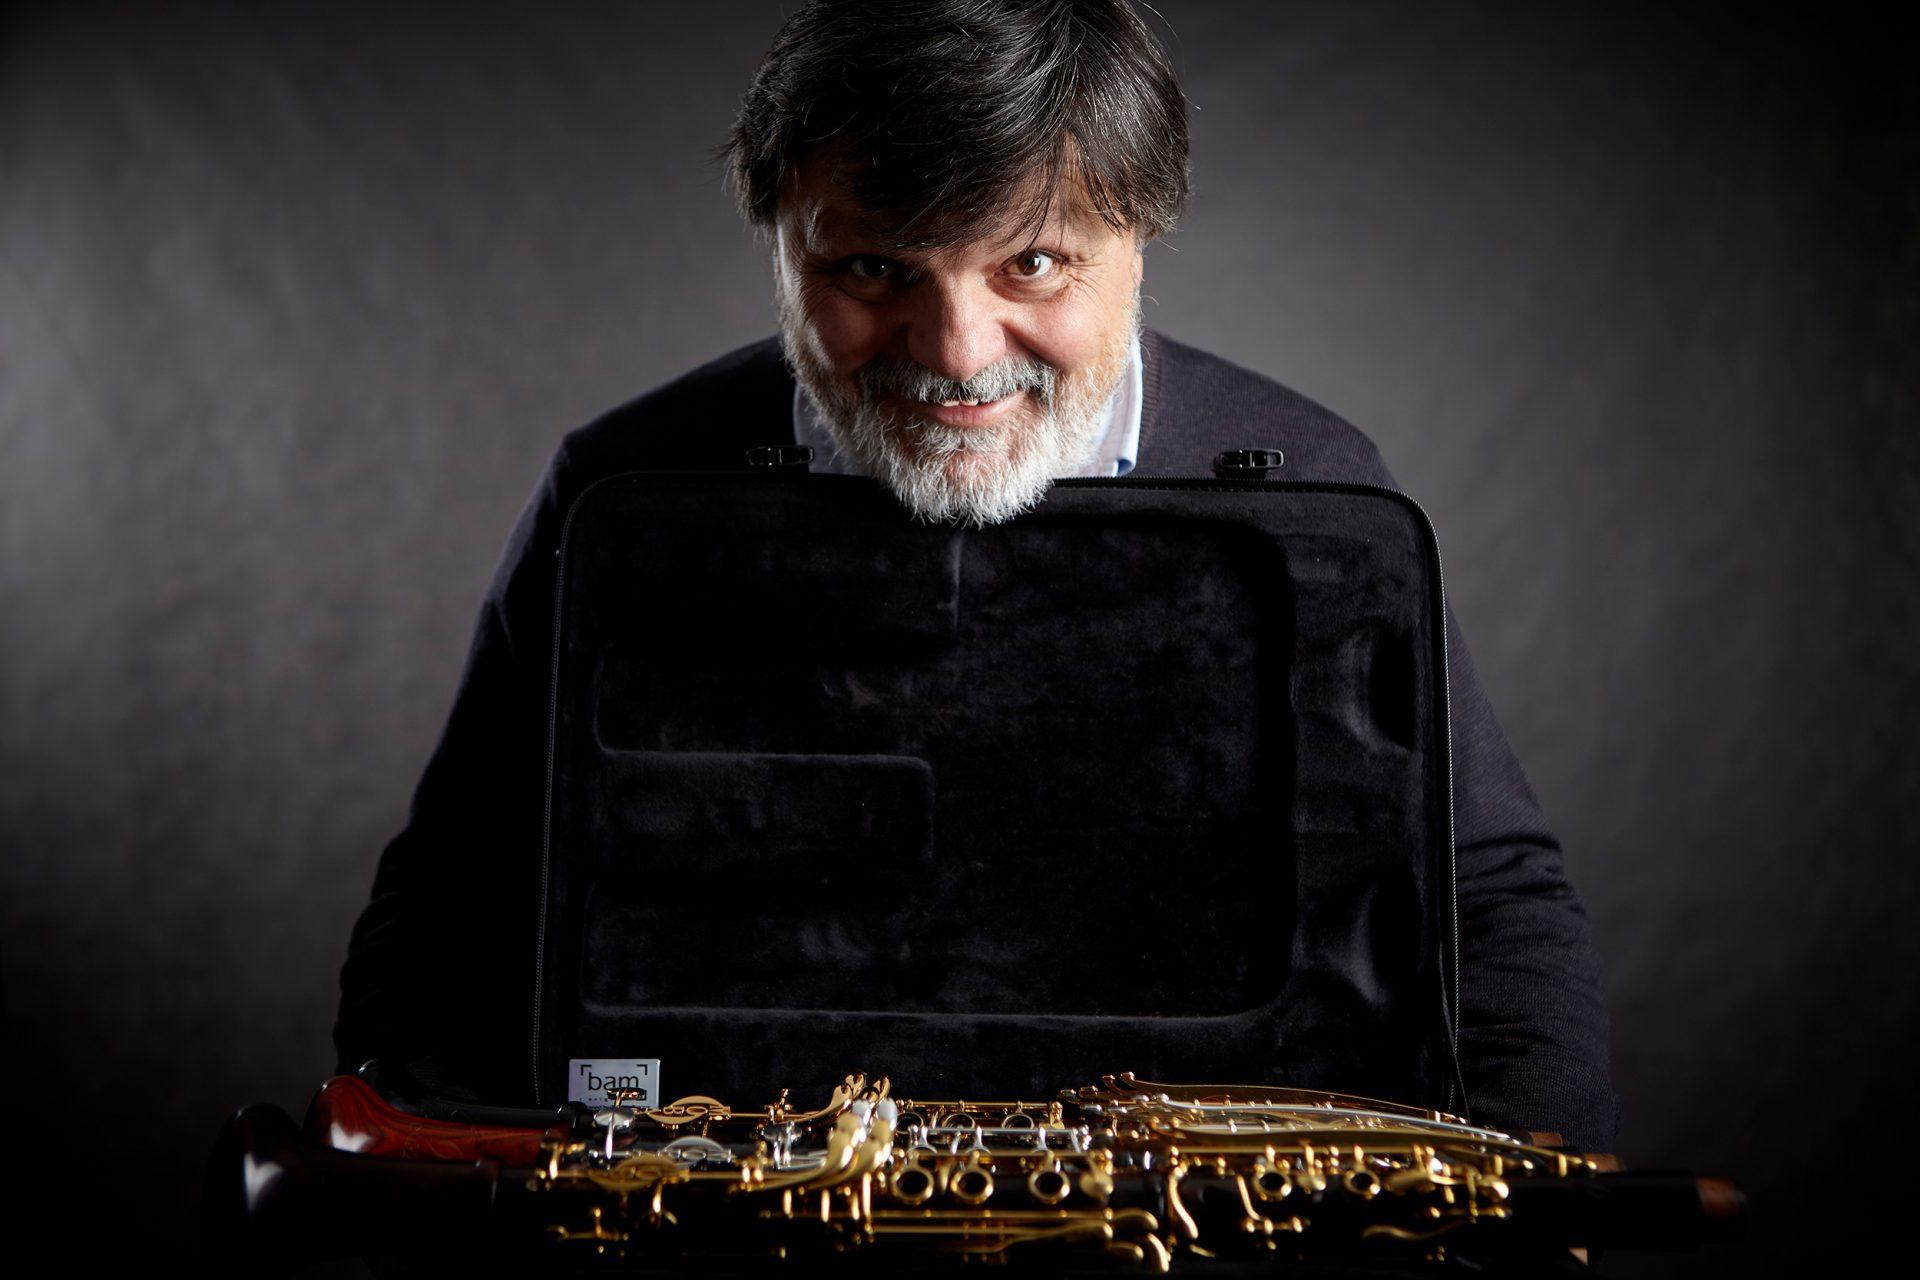 Maestro Corrado Giuffredi - Principal Clarinet presso Orchestra della Svizzera Italiana (OSI)